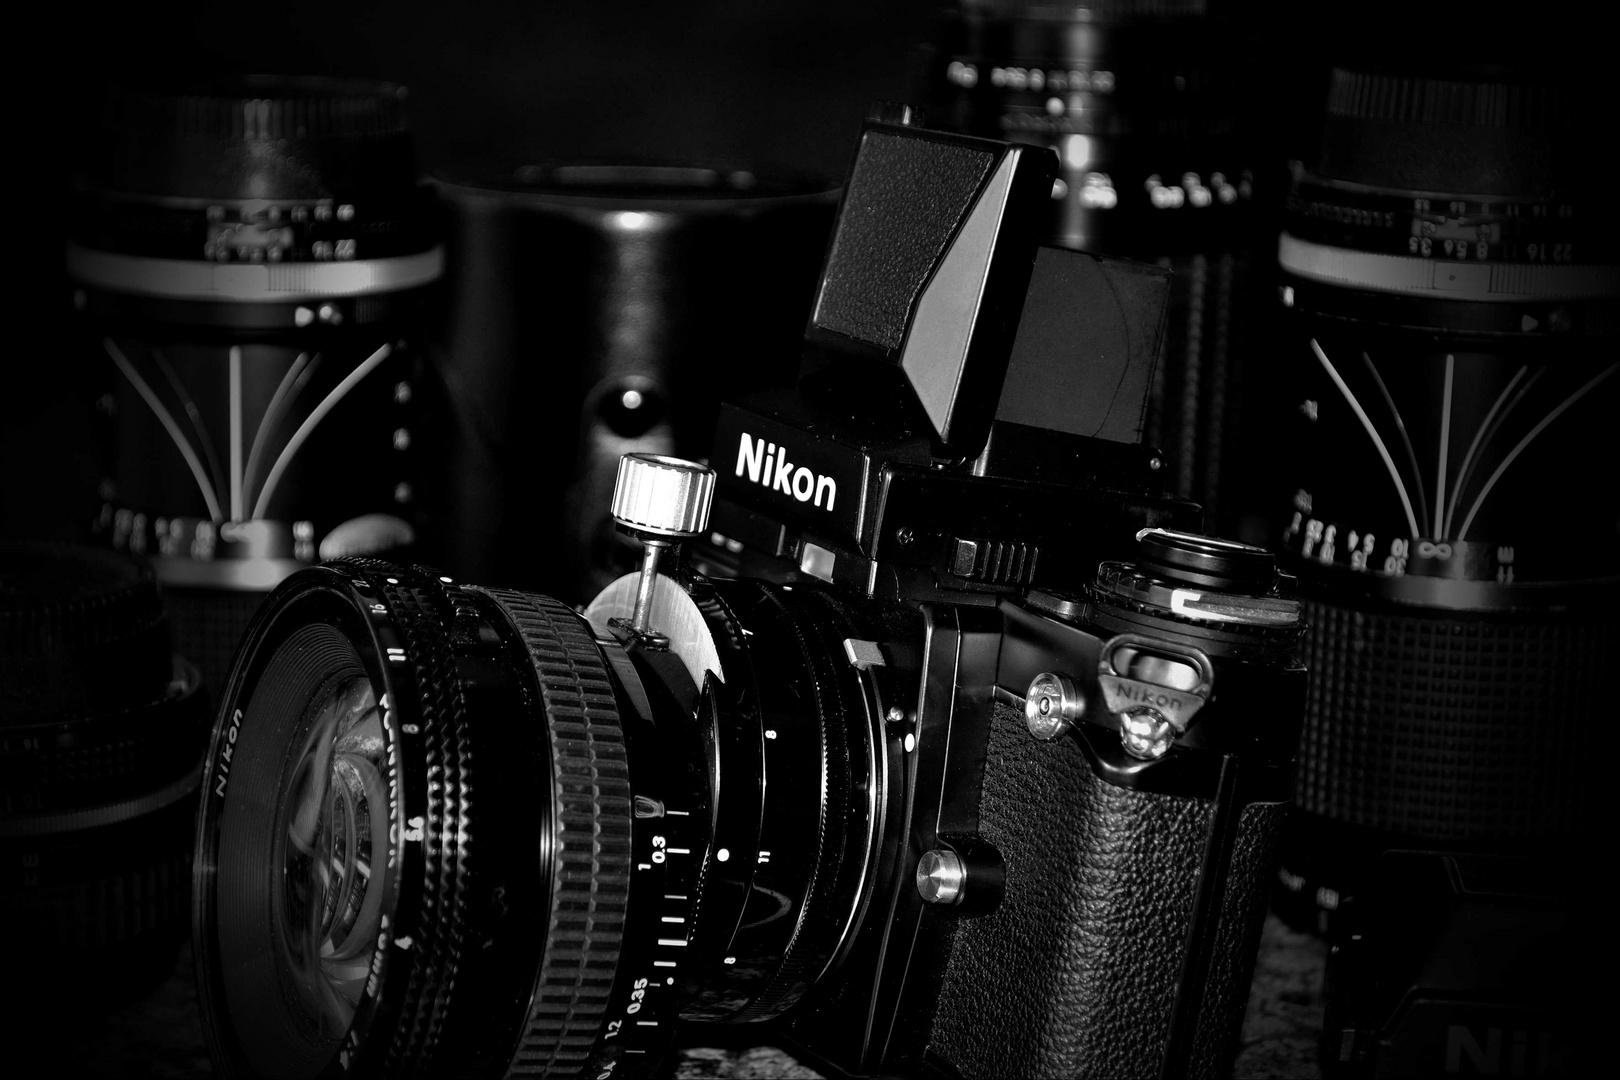 Nikon F3 - Equipment nahezu im Neuzustand von 1985 - 5